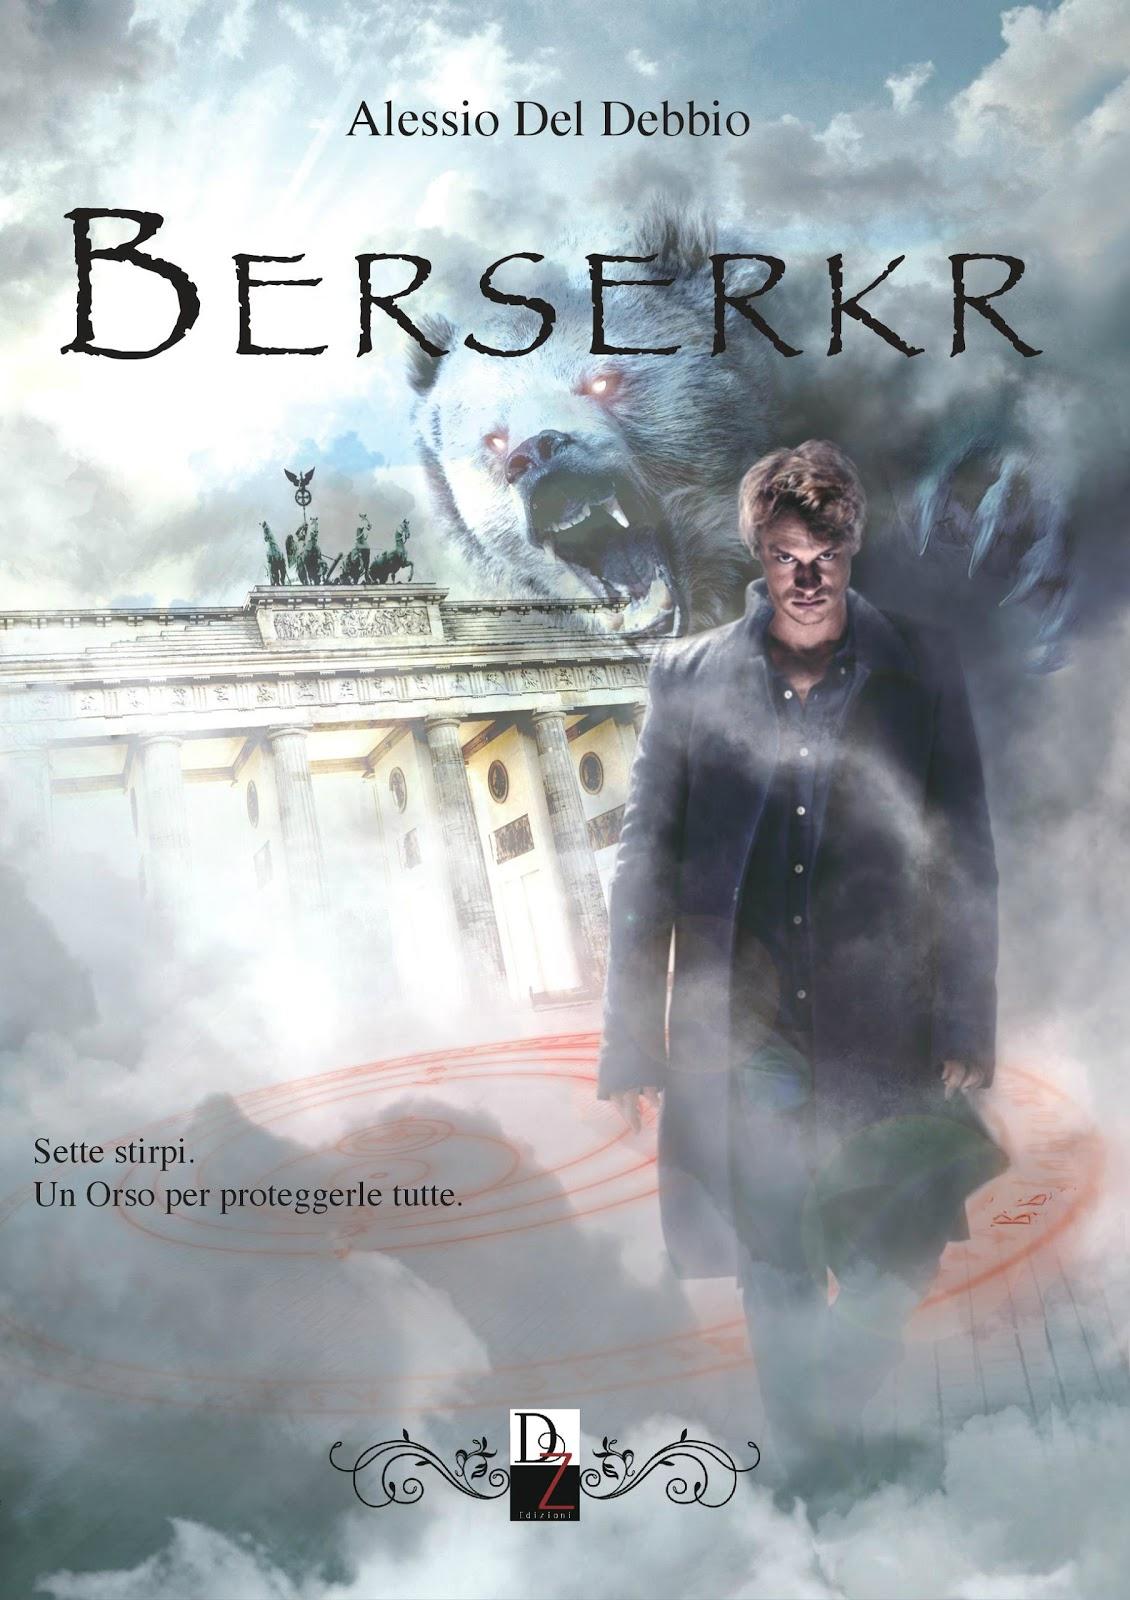 Berserkr di Alessio Del Debbio